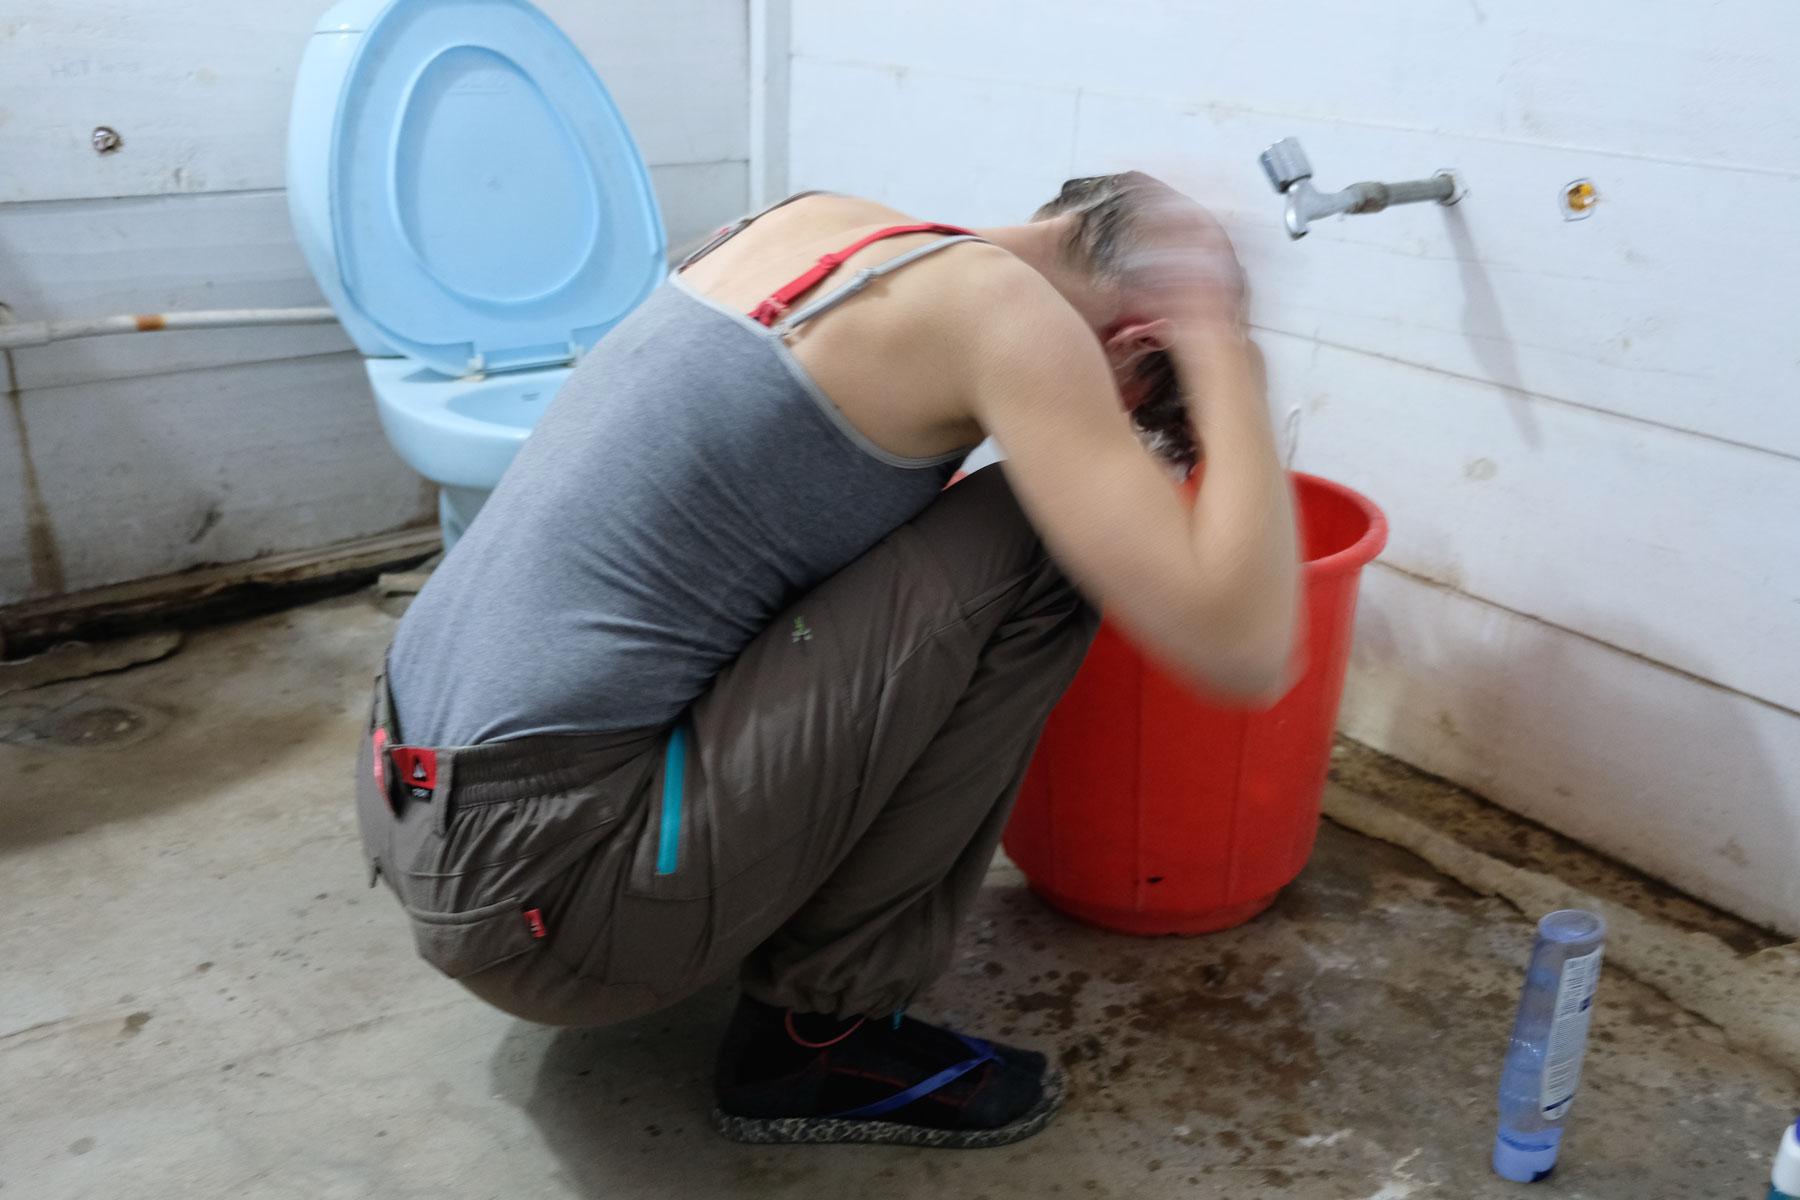 Die Not war groß genug, sodass ich mir in einem kalten Bad mit immerhin fast lauwarmem Wasser die Haare gewaschen habe. Eine Dusche gab es nicht, aber unter die hätte ich mich eh nicht gewagt ;-)